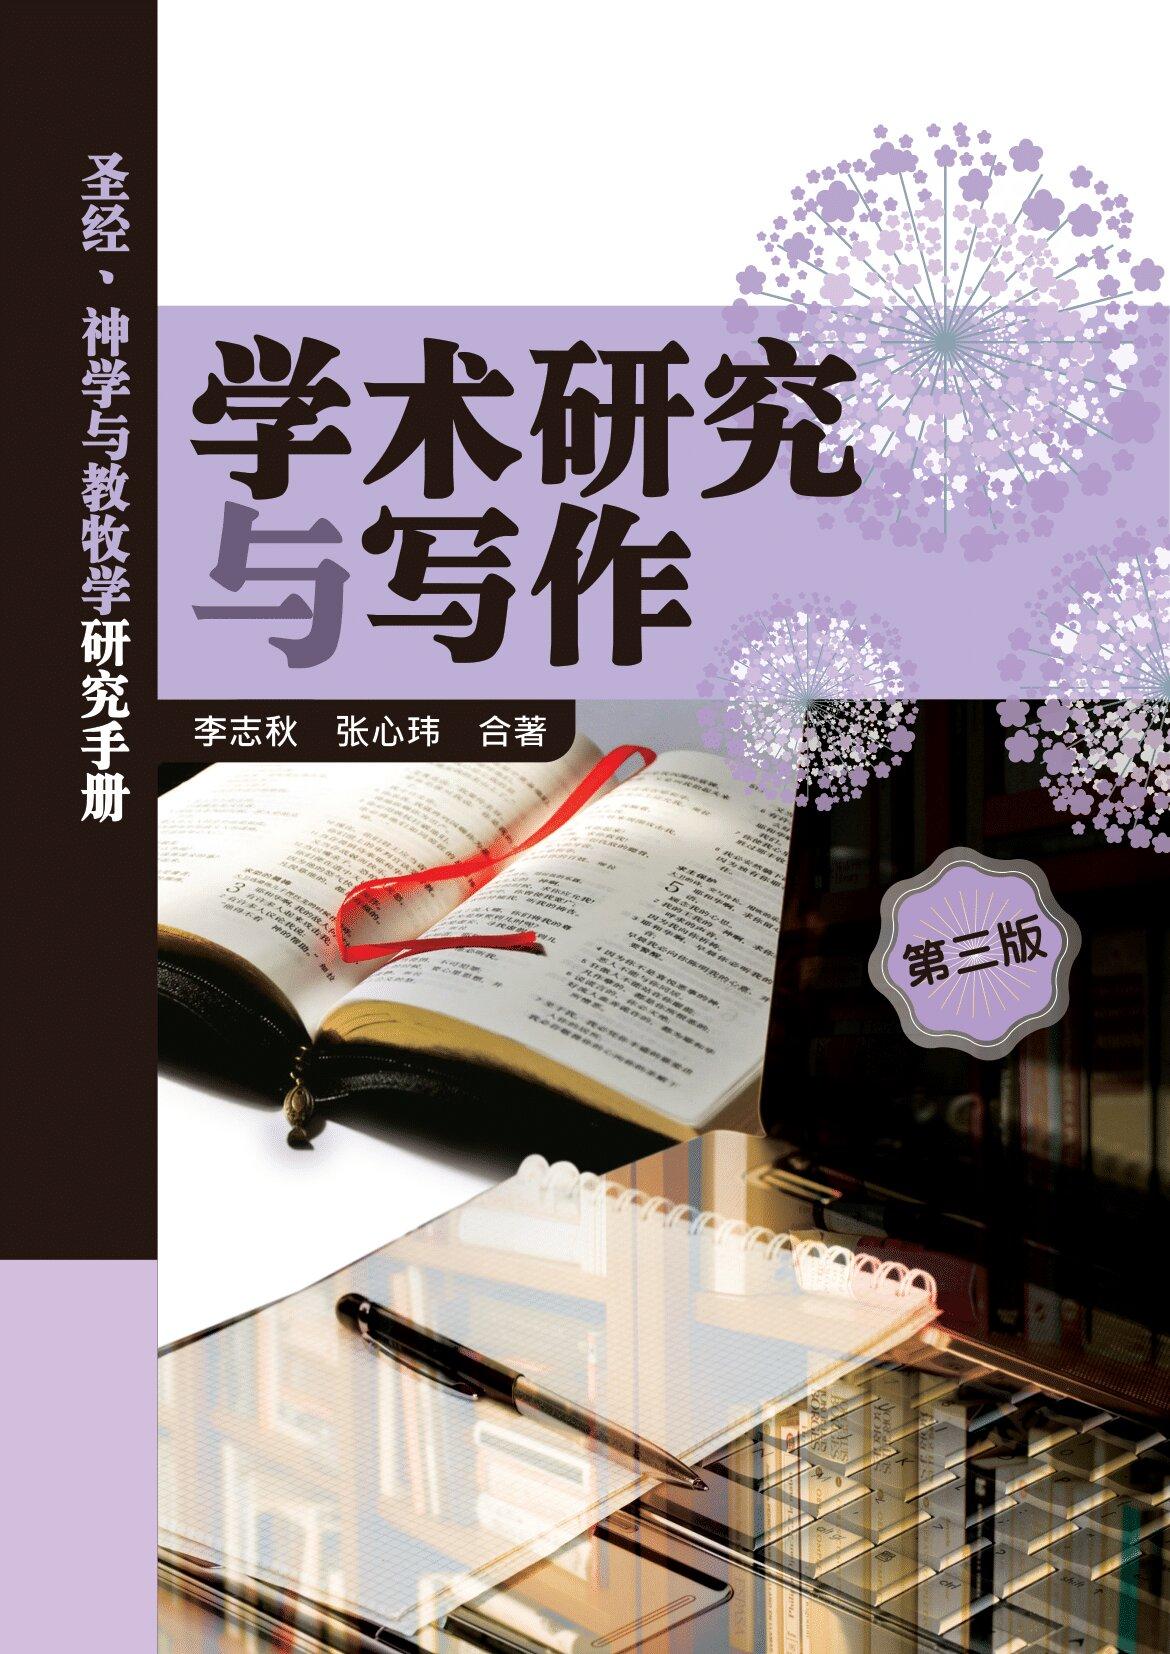 学术研究与写作:圣经、神学与教牧学研究手册(第三版)(简体) A Handbook for Research Writing: For Biblical, Theological, and Pastoral Ministry-Related Studies, 3rd Edition (Simplified Chinese)